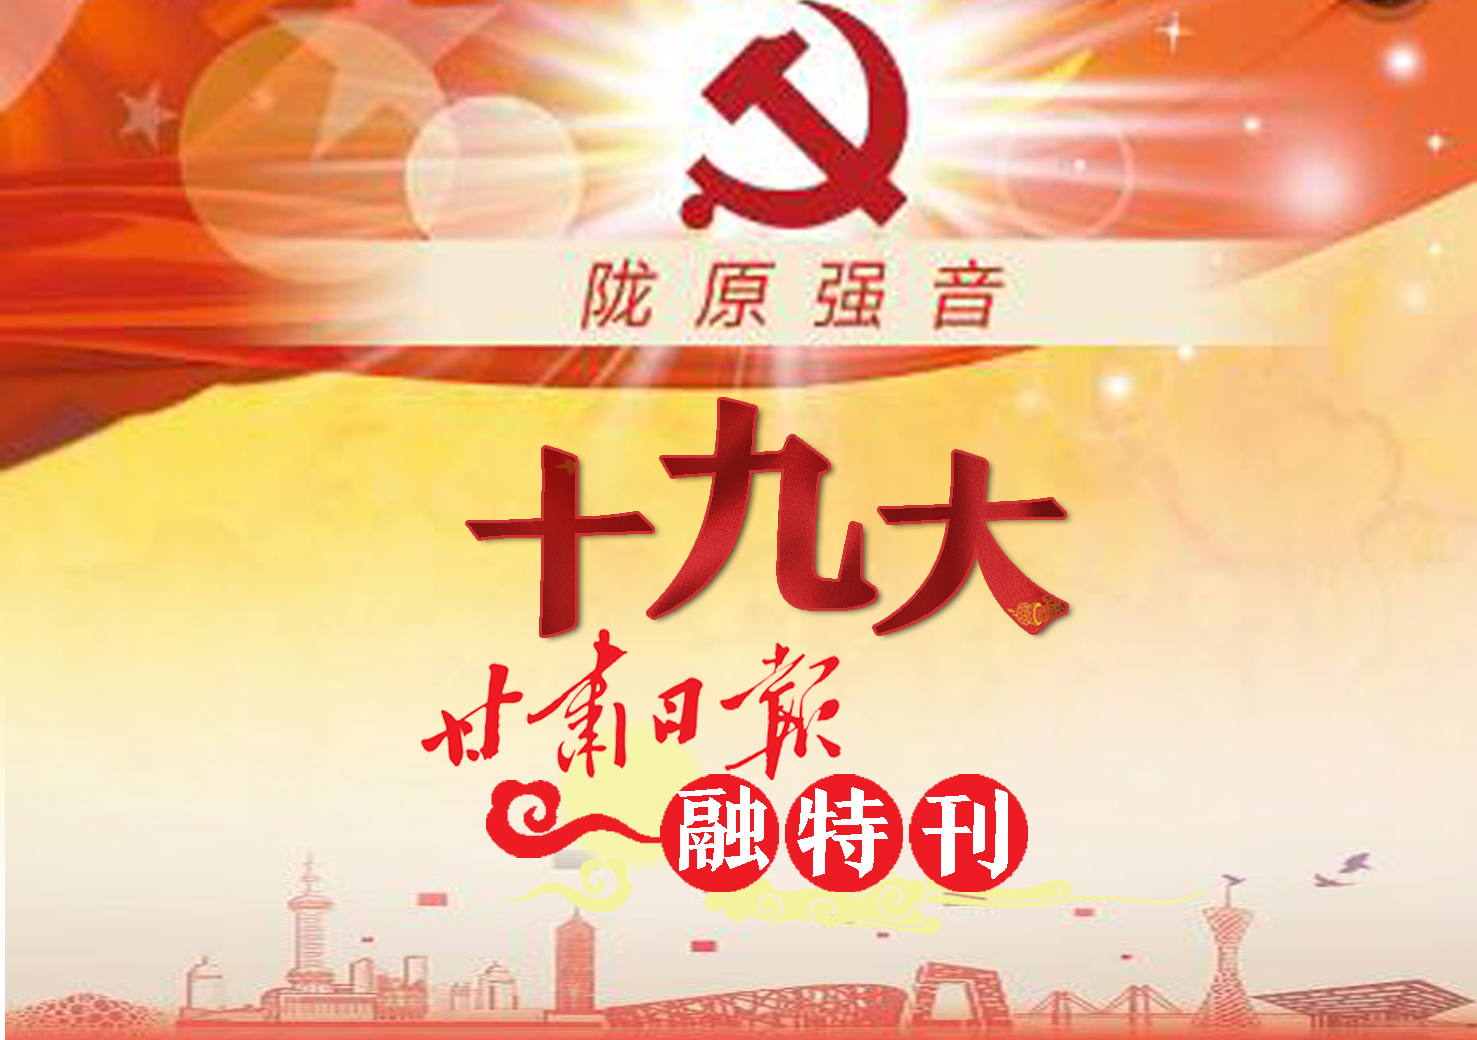 H5丨十九大甘肃日报融特刊